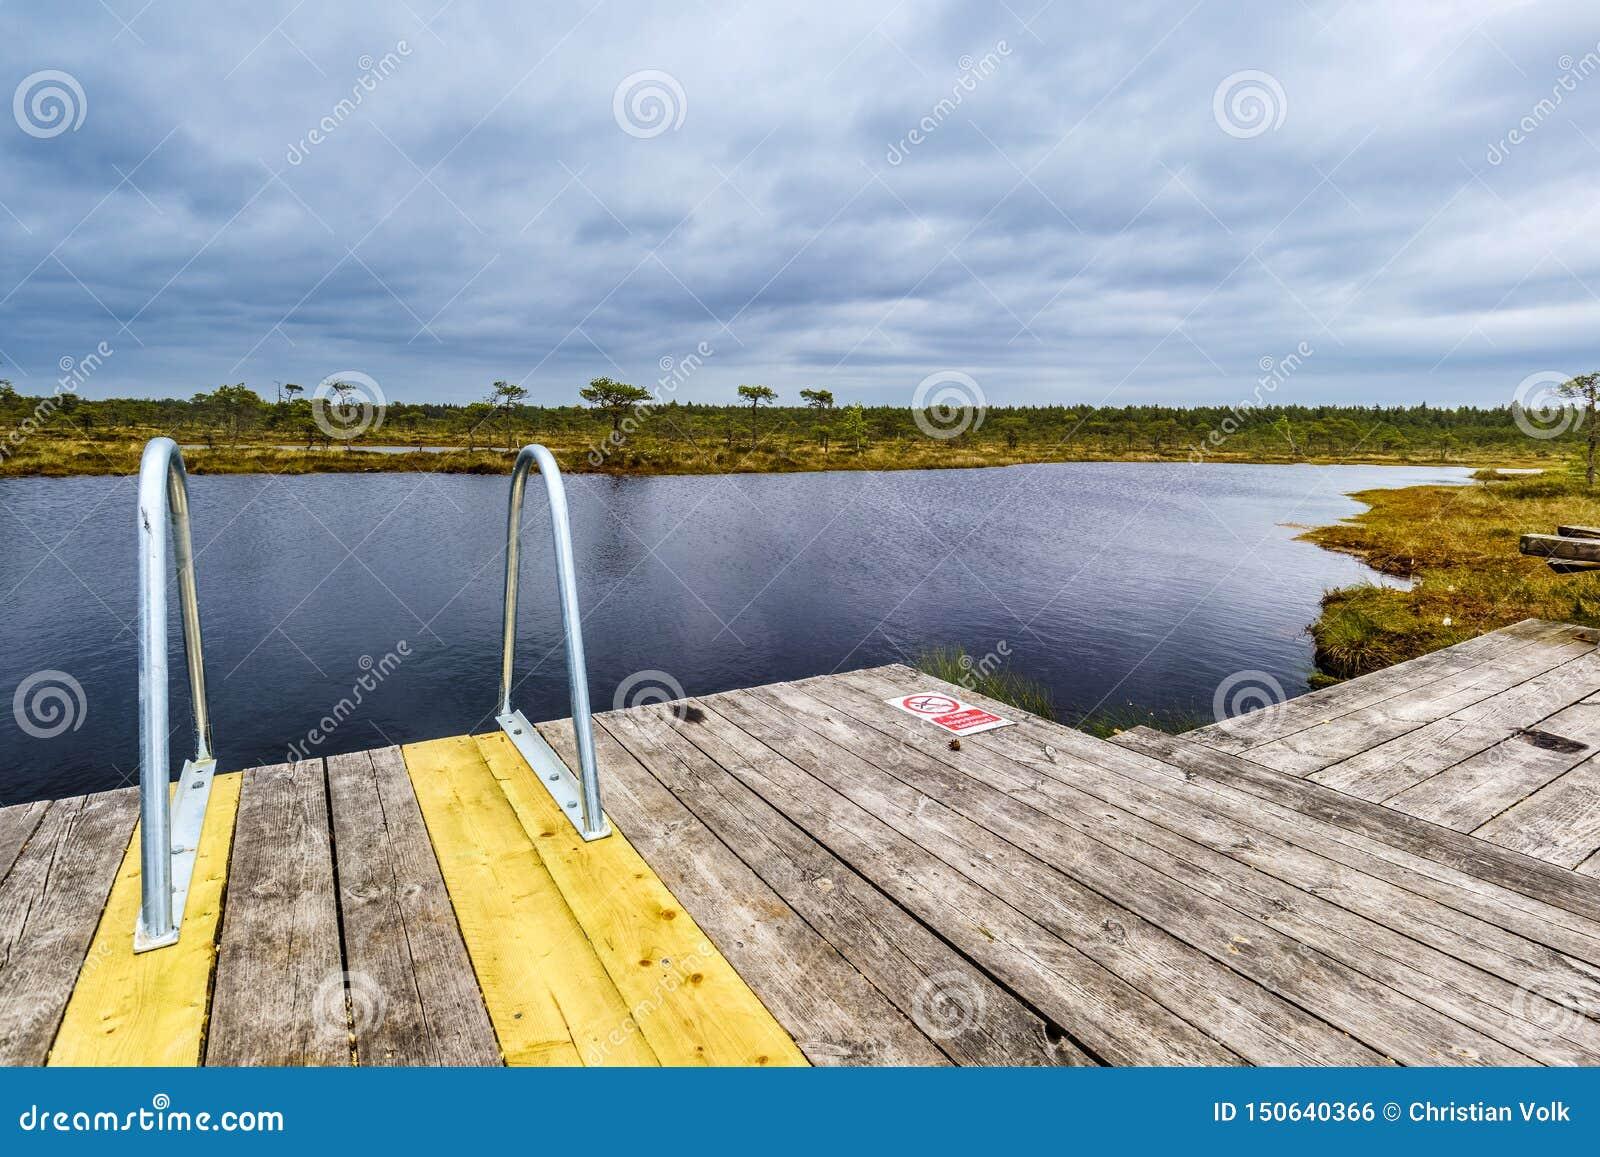 Πρόσβαση σε μια λίμνη στο έλος του εθνικού πάρκου Soomaa, Εσθονία